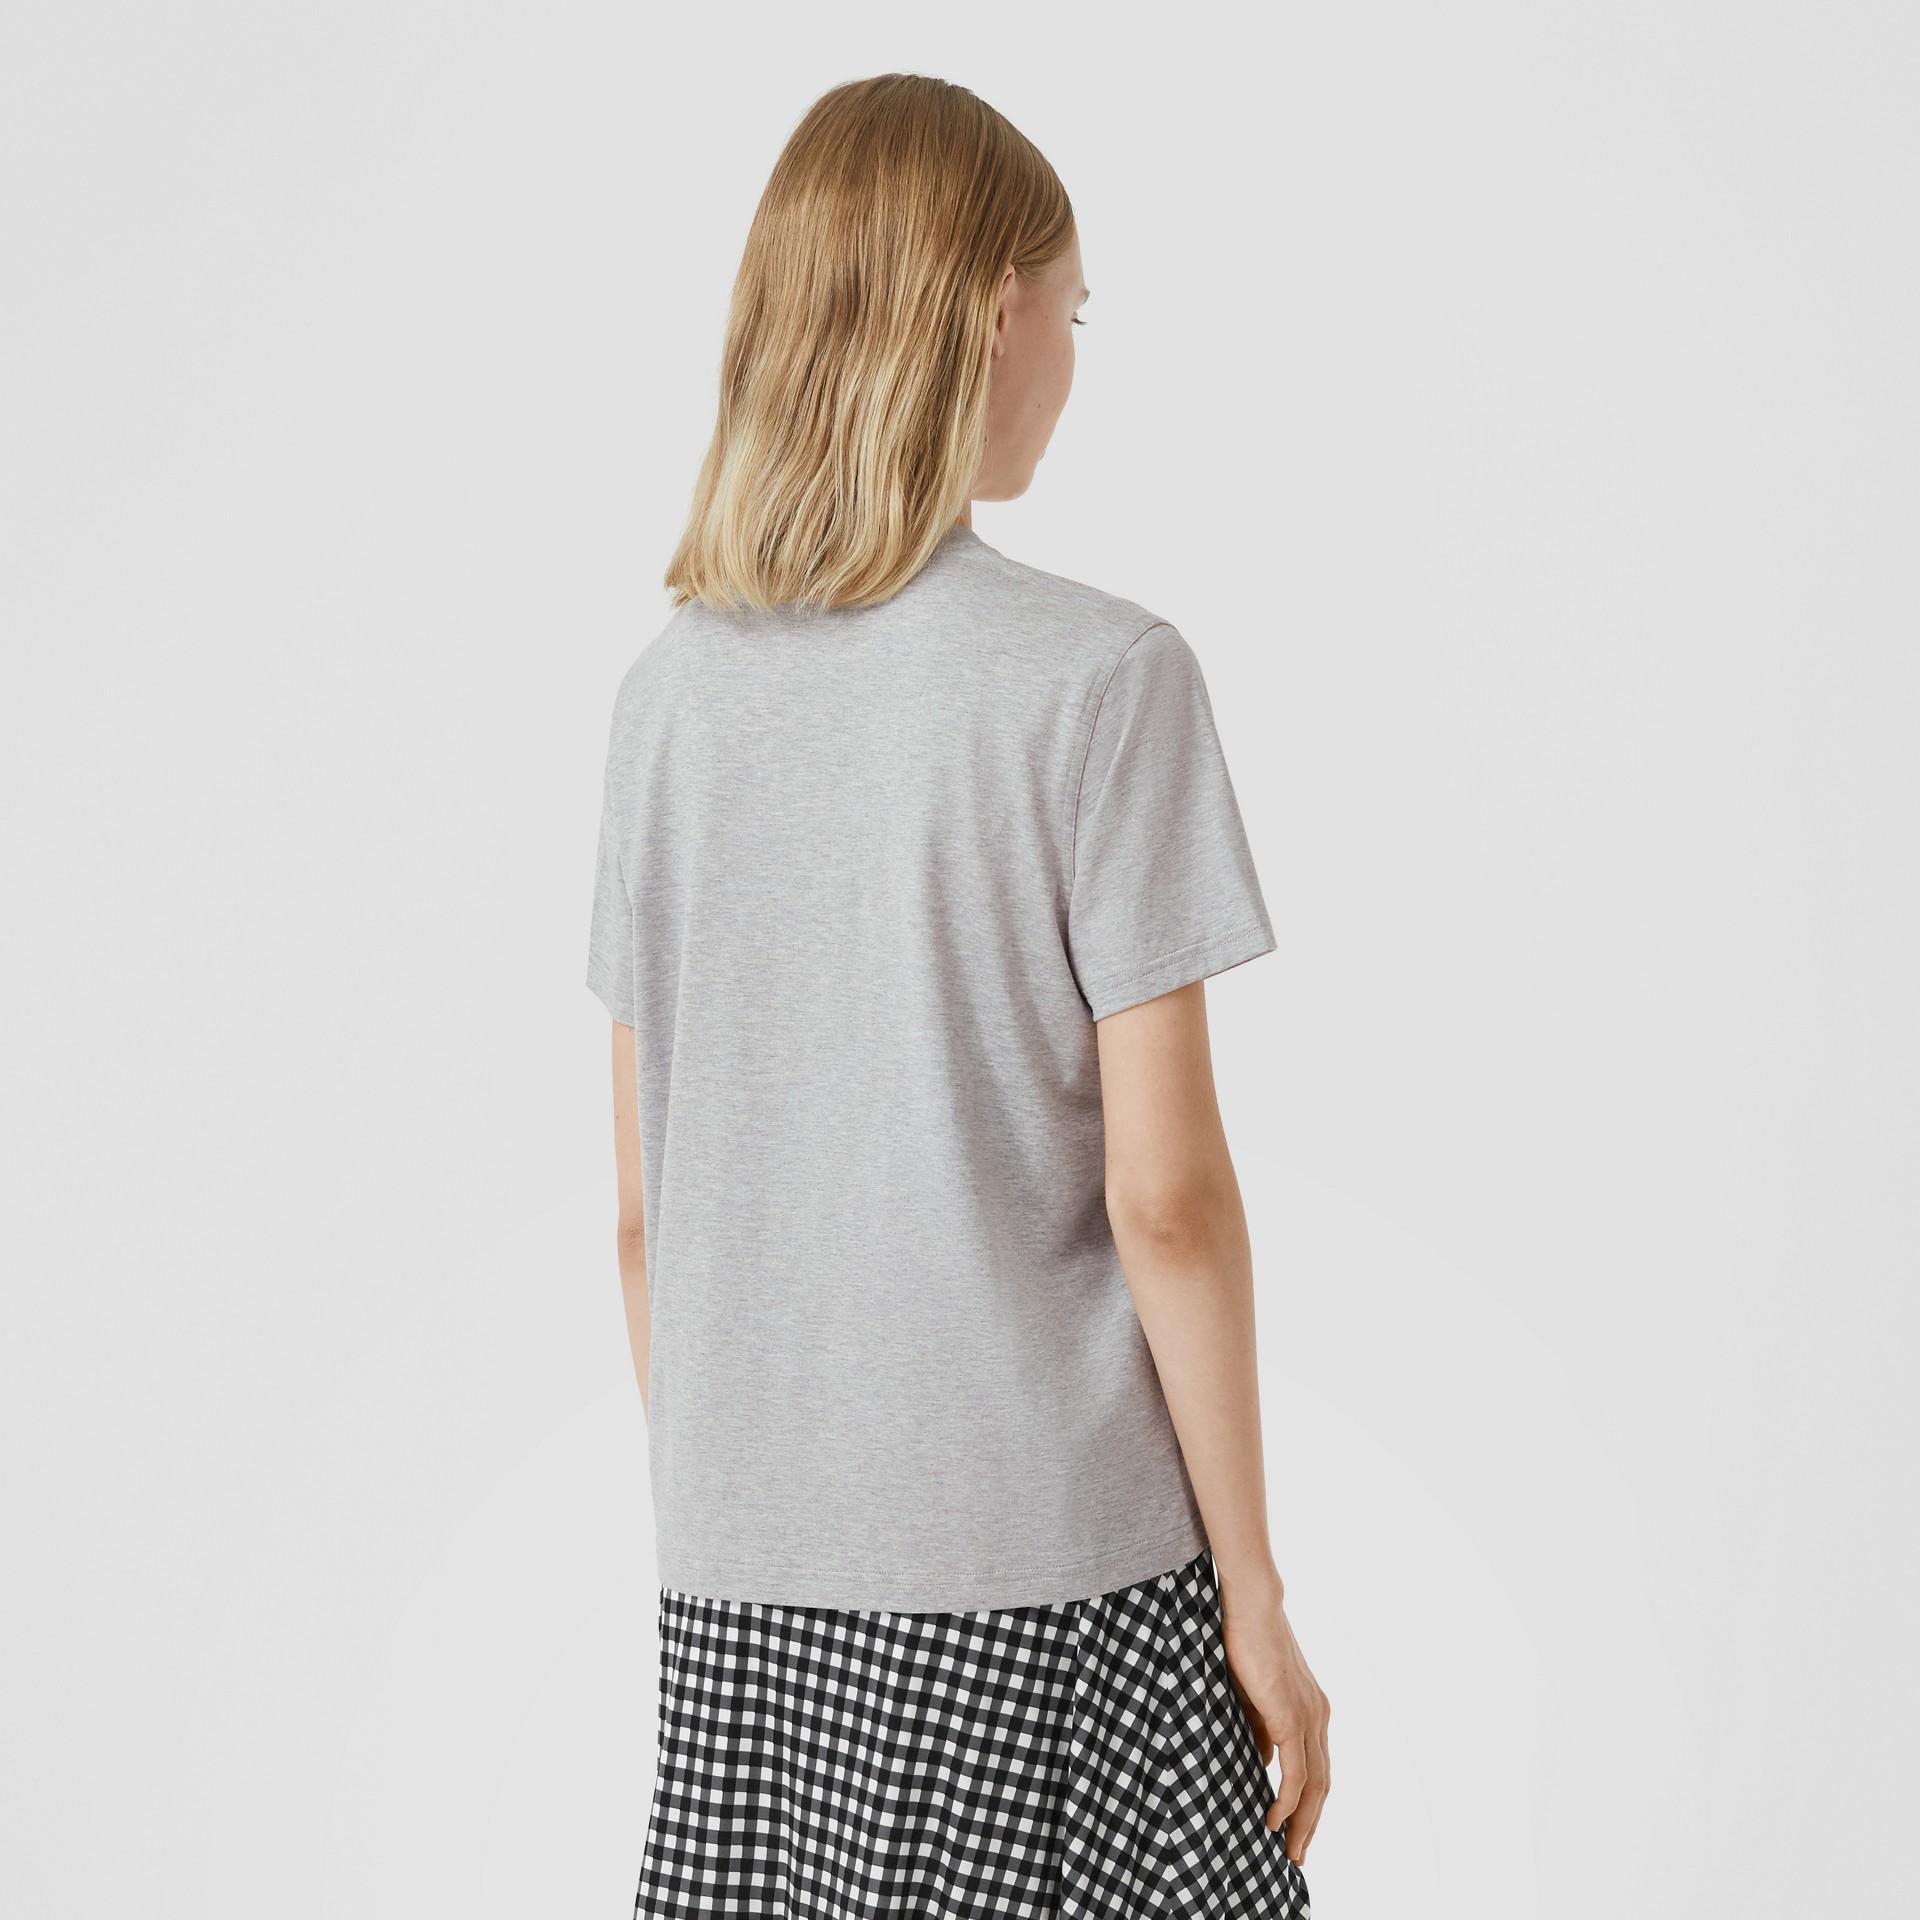 花押字圖案棉質 T 恤 (淡混合灰) - 女款 | Burberry - 圖庫照片 2